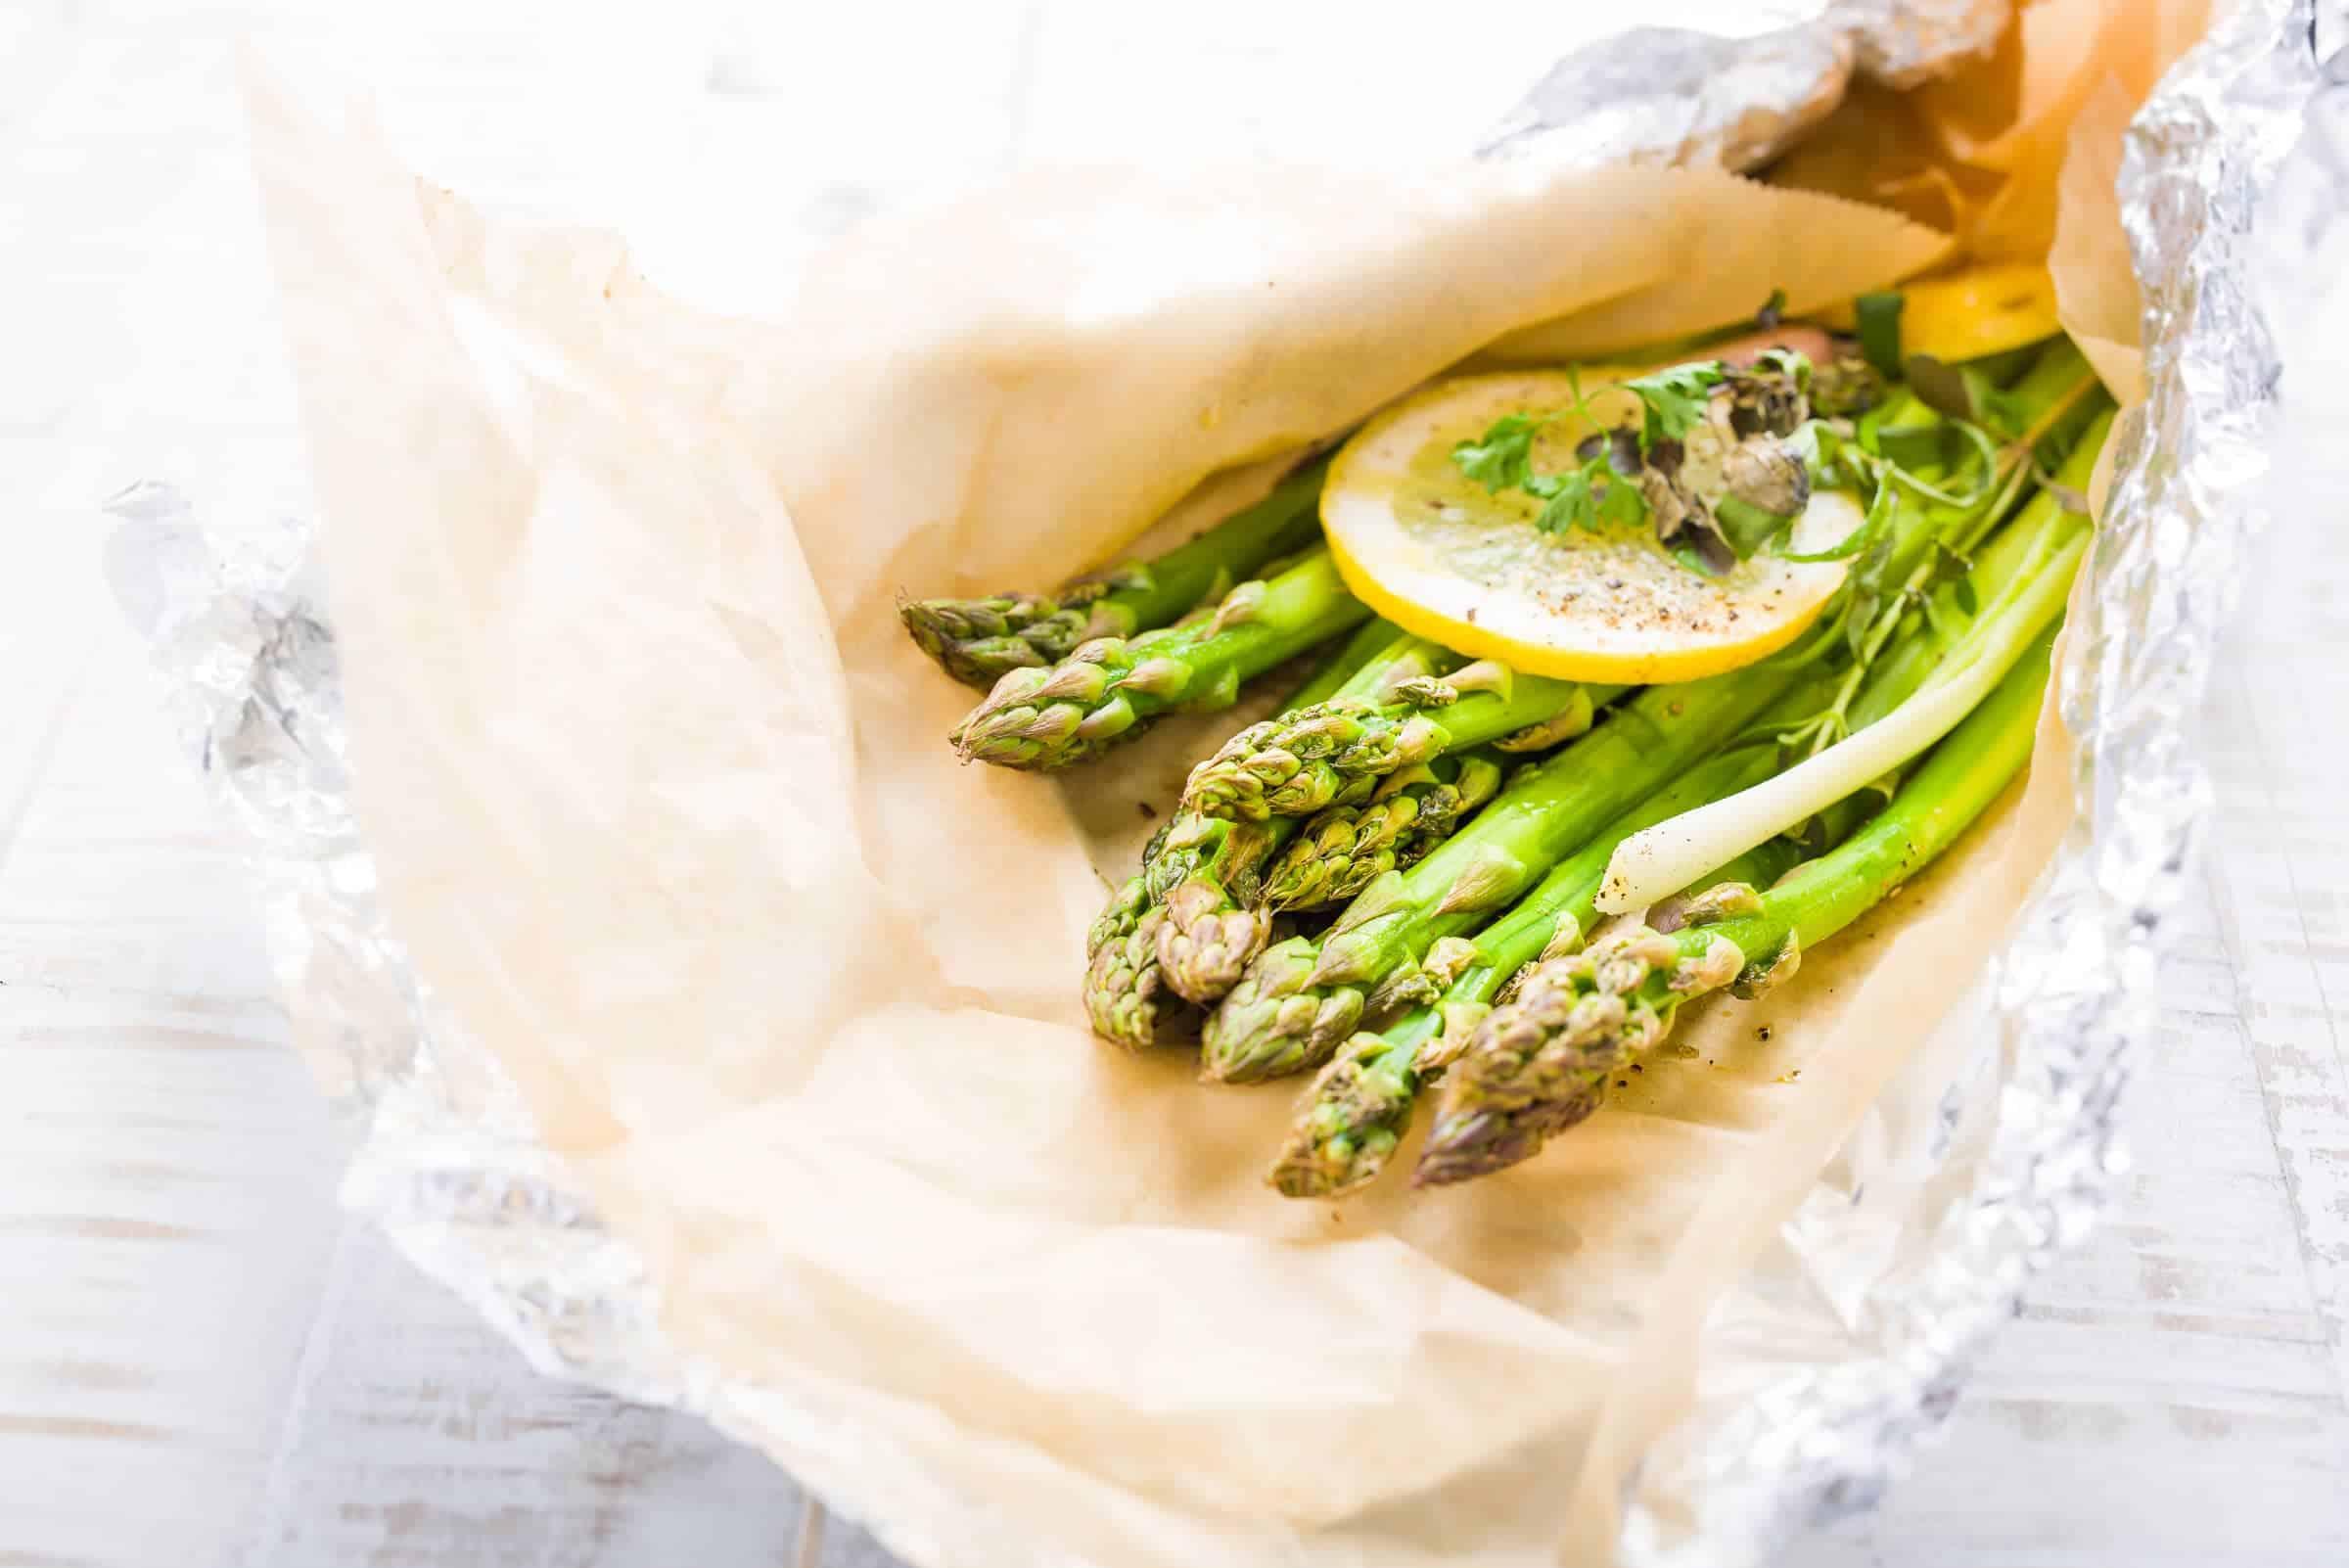 Asparagi al cartoccio con erbe aromatiche preparazione ricetta